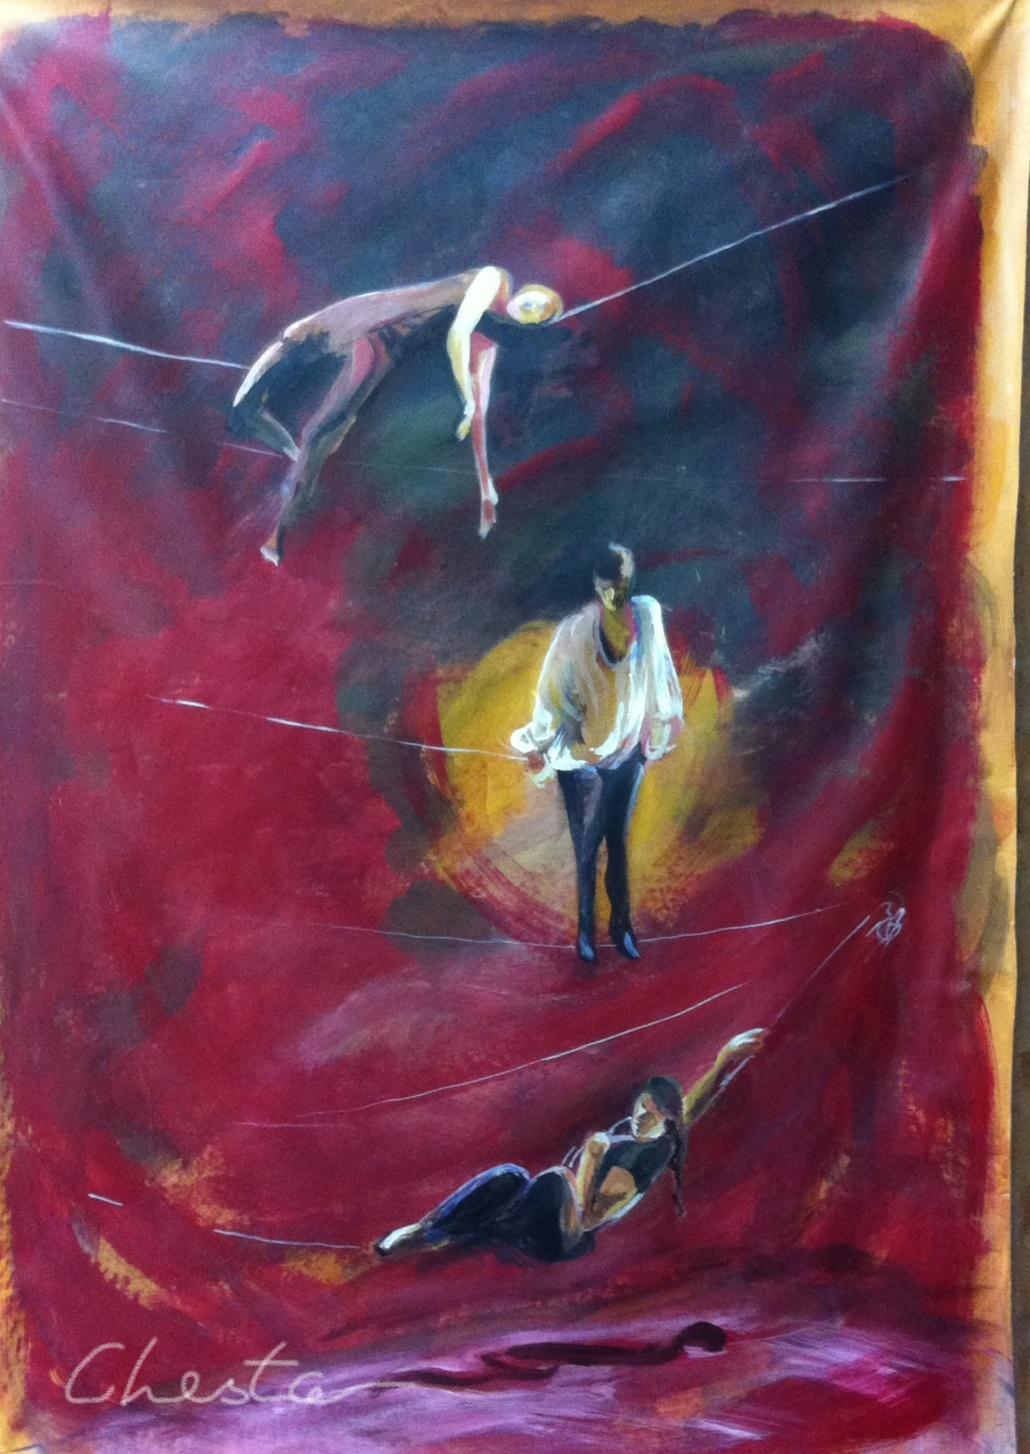 Inkedfunambules sur fond rouge Chesta 2016, huile sur toile_LI